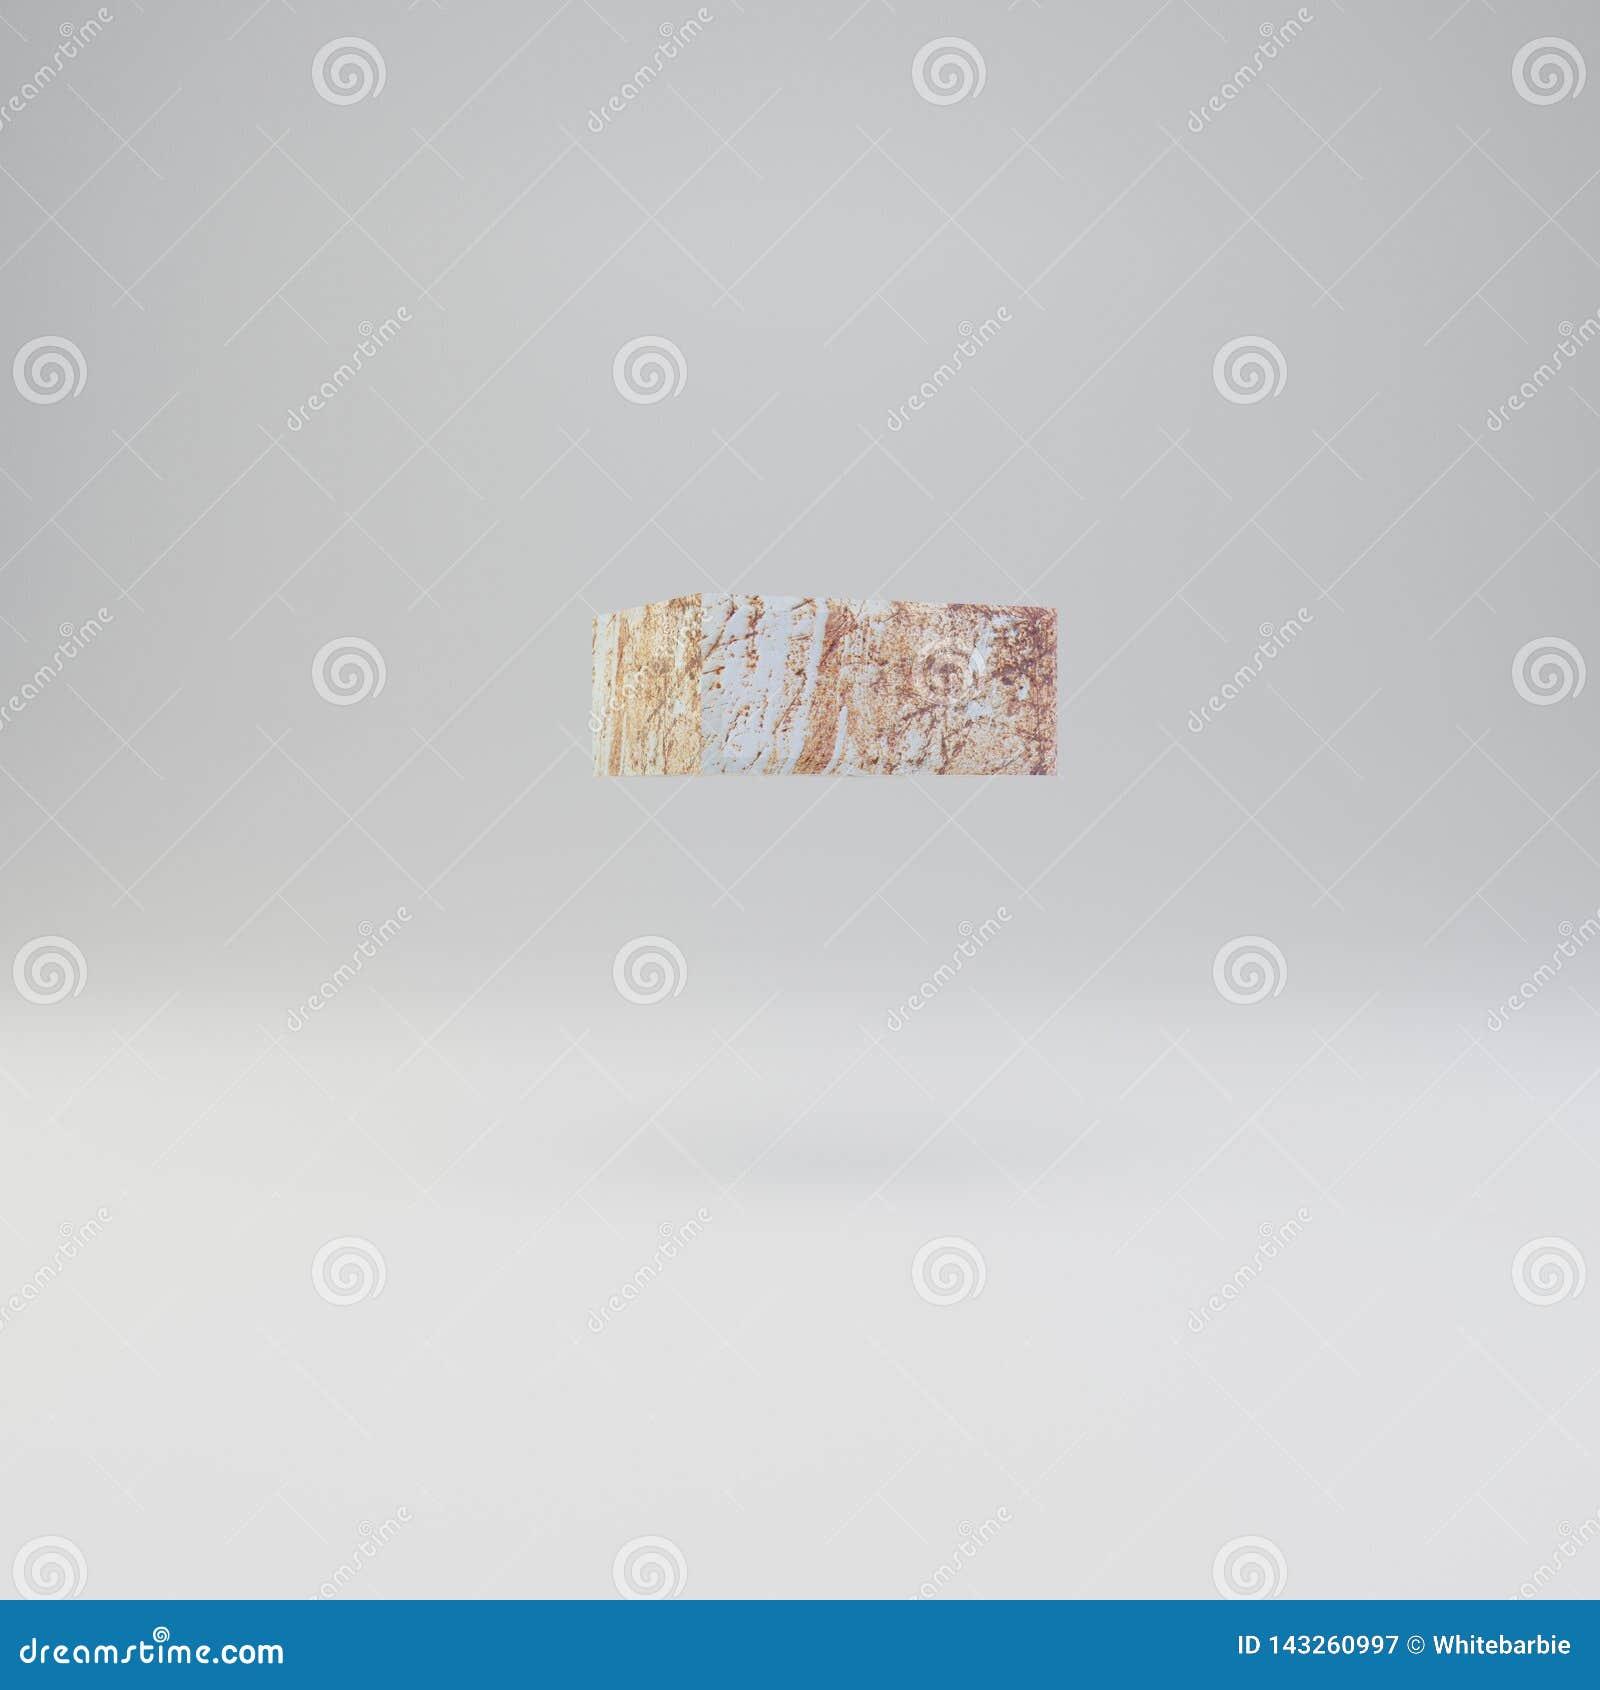 Konkret minus des Symbols mit rostigen Metallkratzern auf weißem Hintergrund